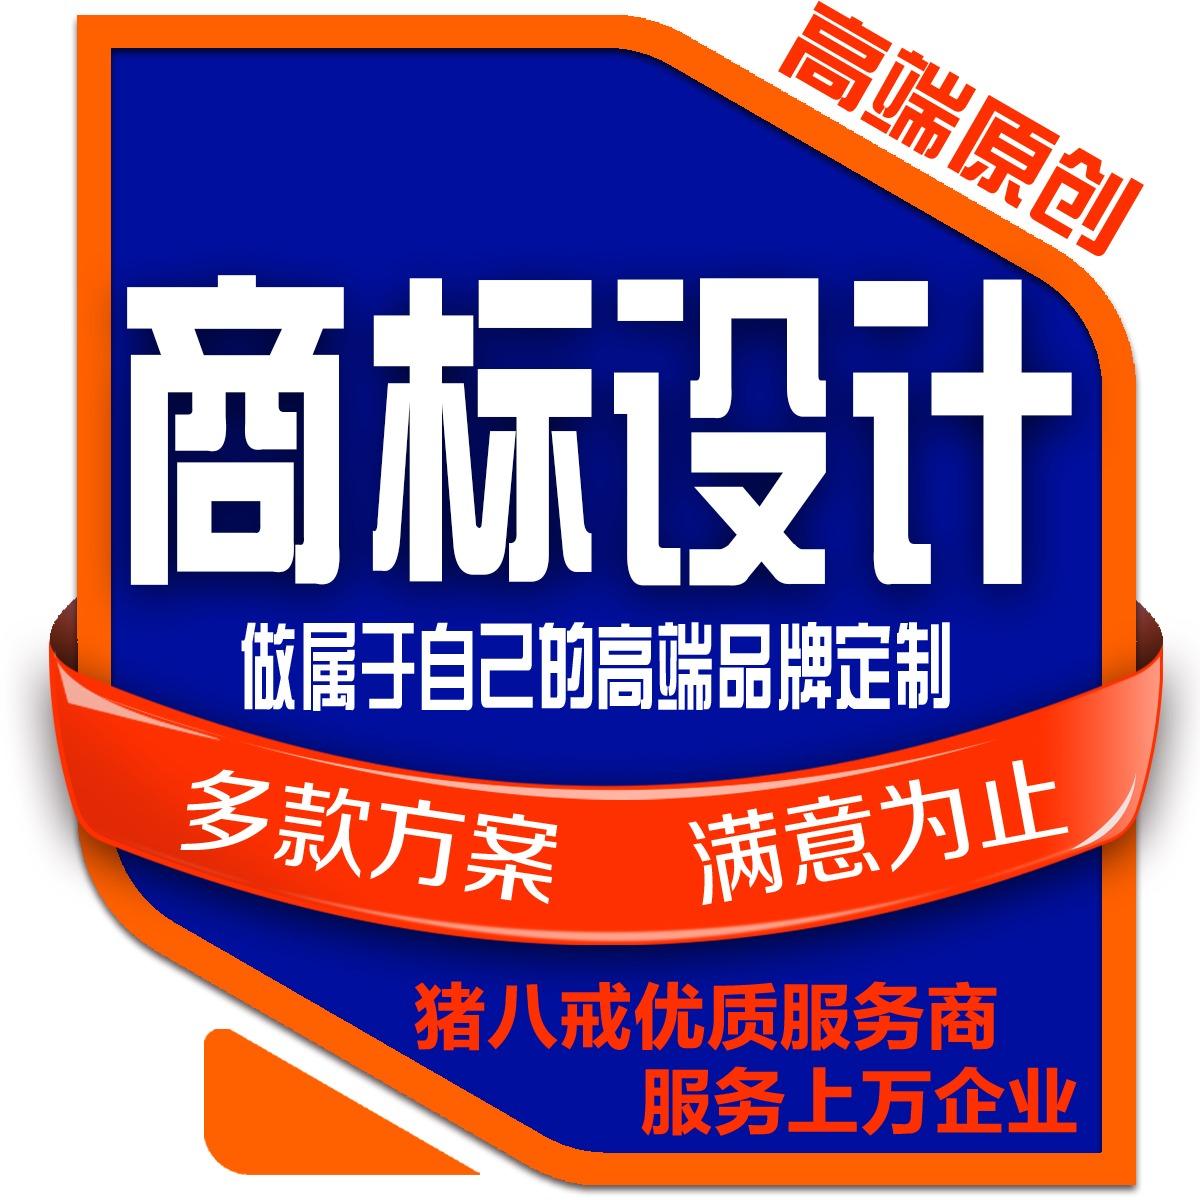 食品行业/糖果/烘焙面包甜品/坚果logo品牌商标平面设计